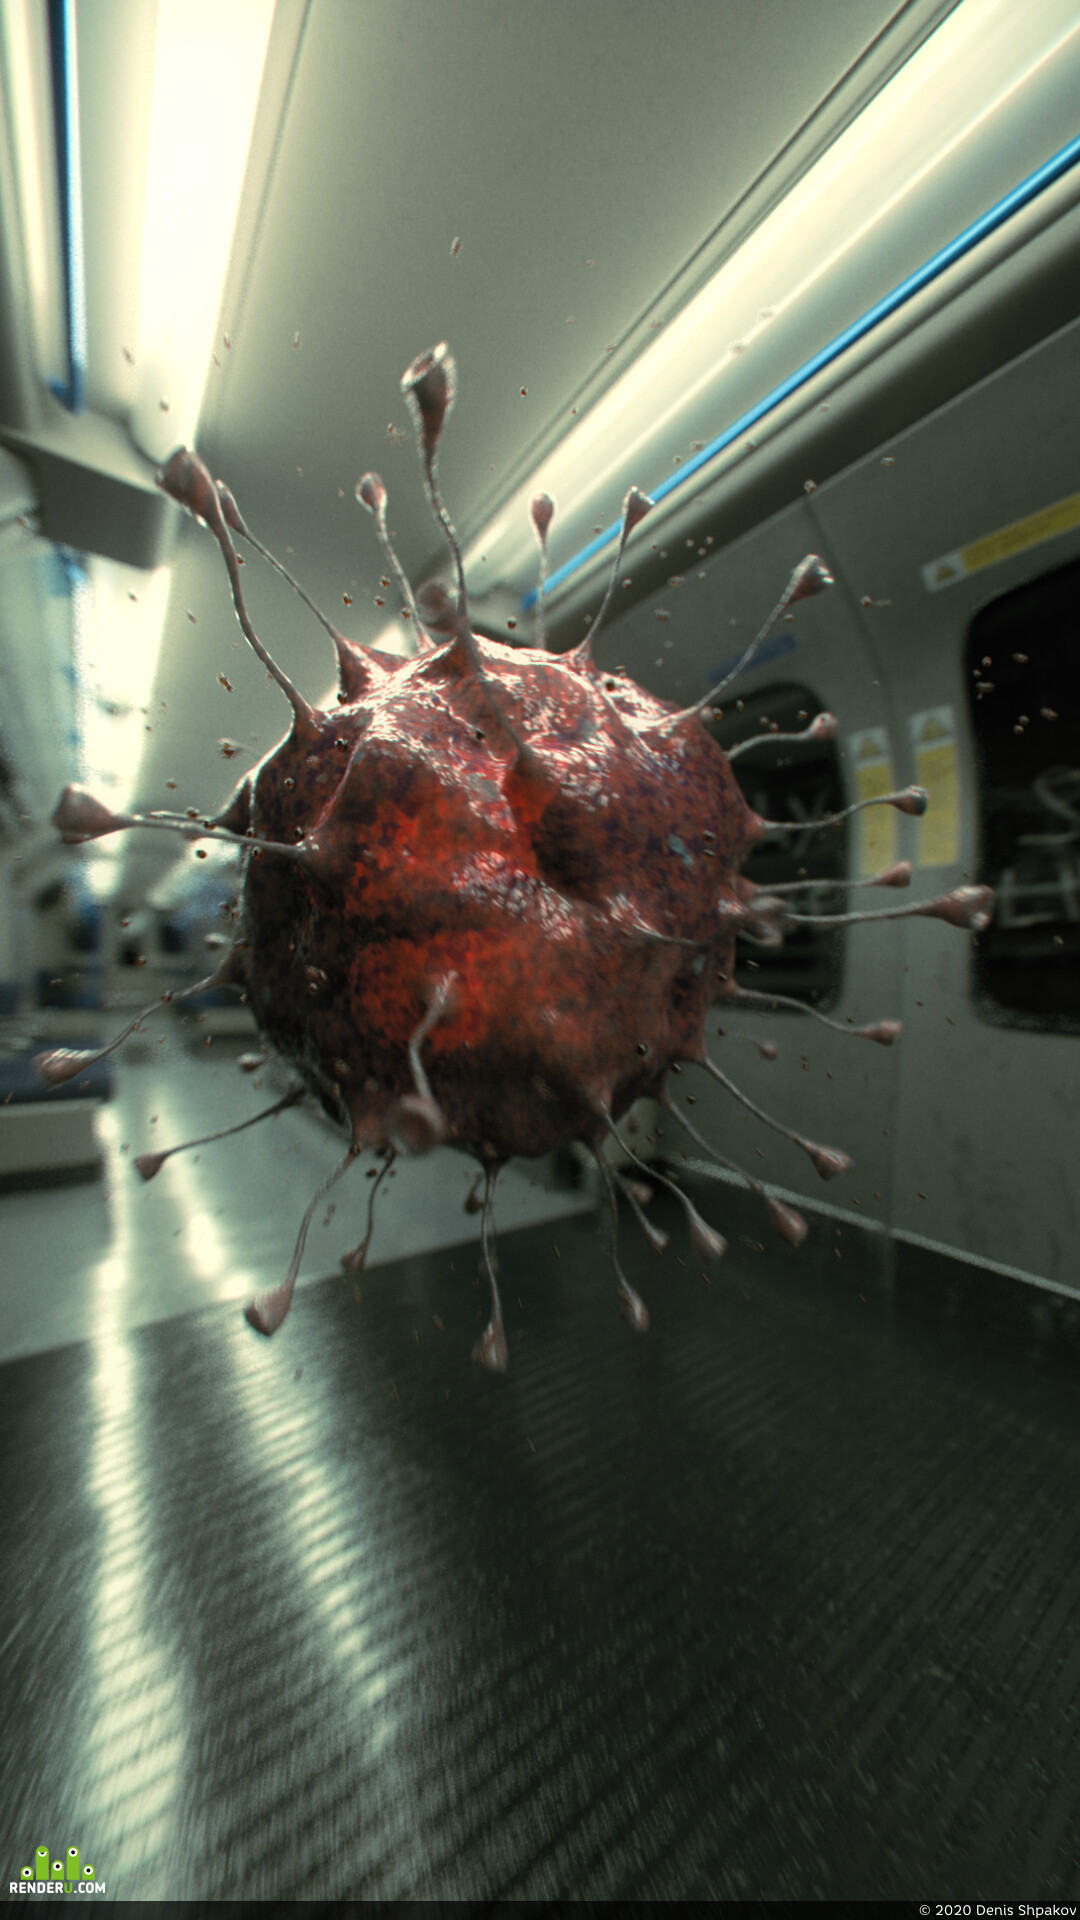 dssvfx, denisshpakov, Coronavirus, COVID-19, shading, textures, 3D MODELLING